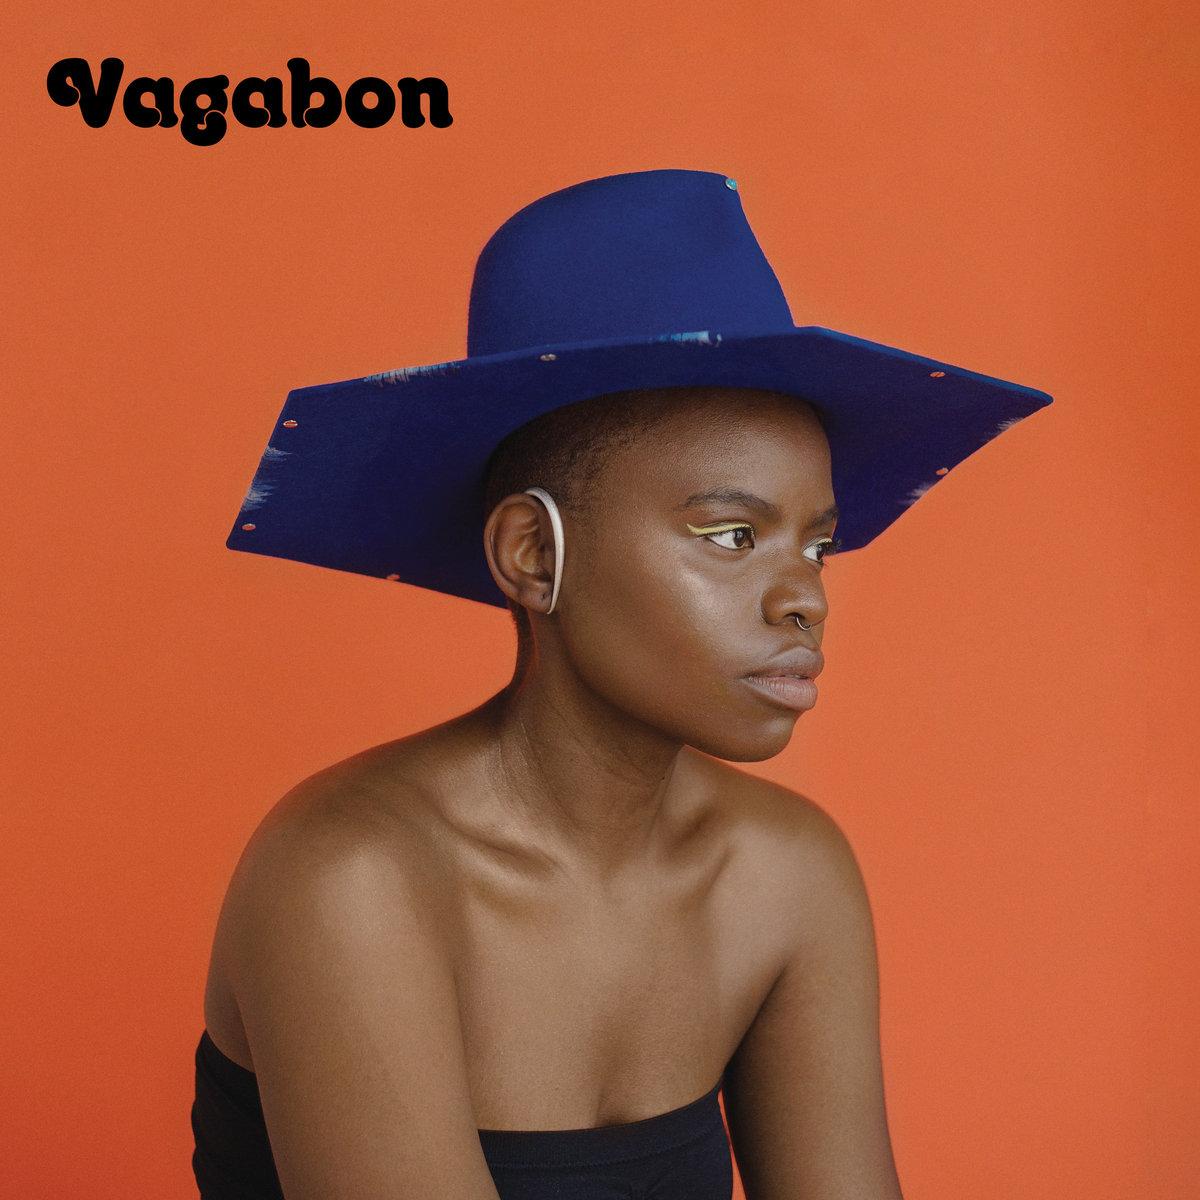 Vagabon – Vagabon [LTD LP]